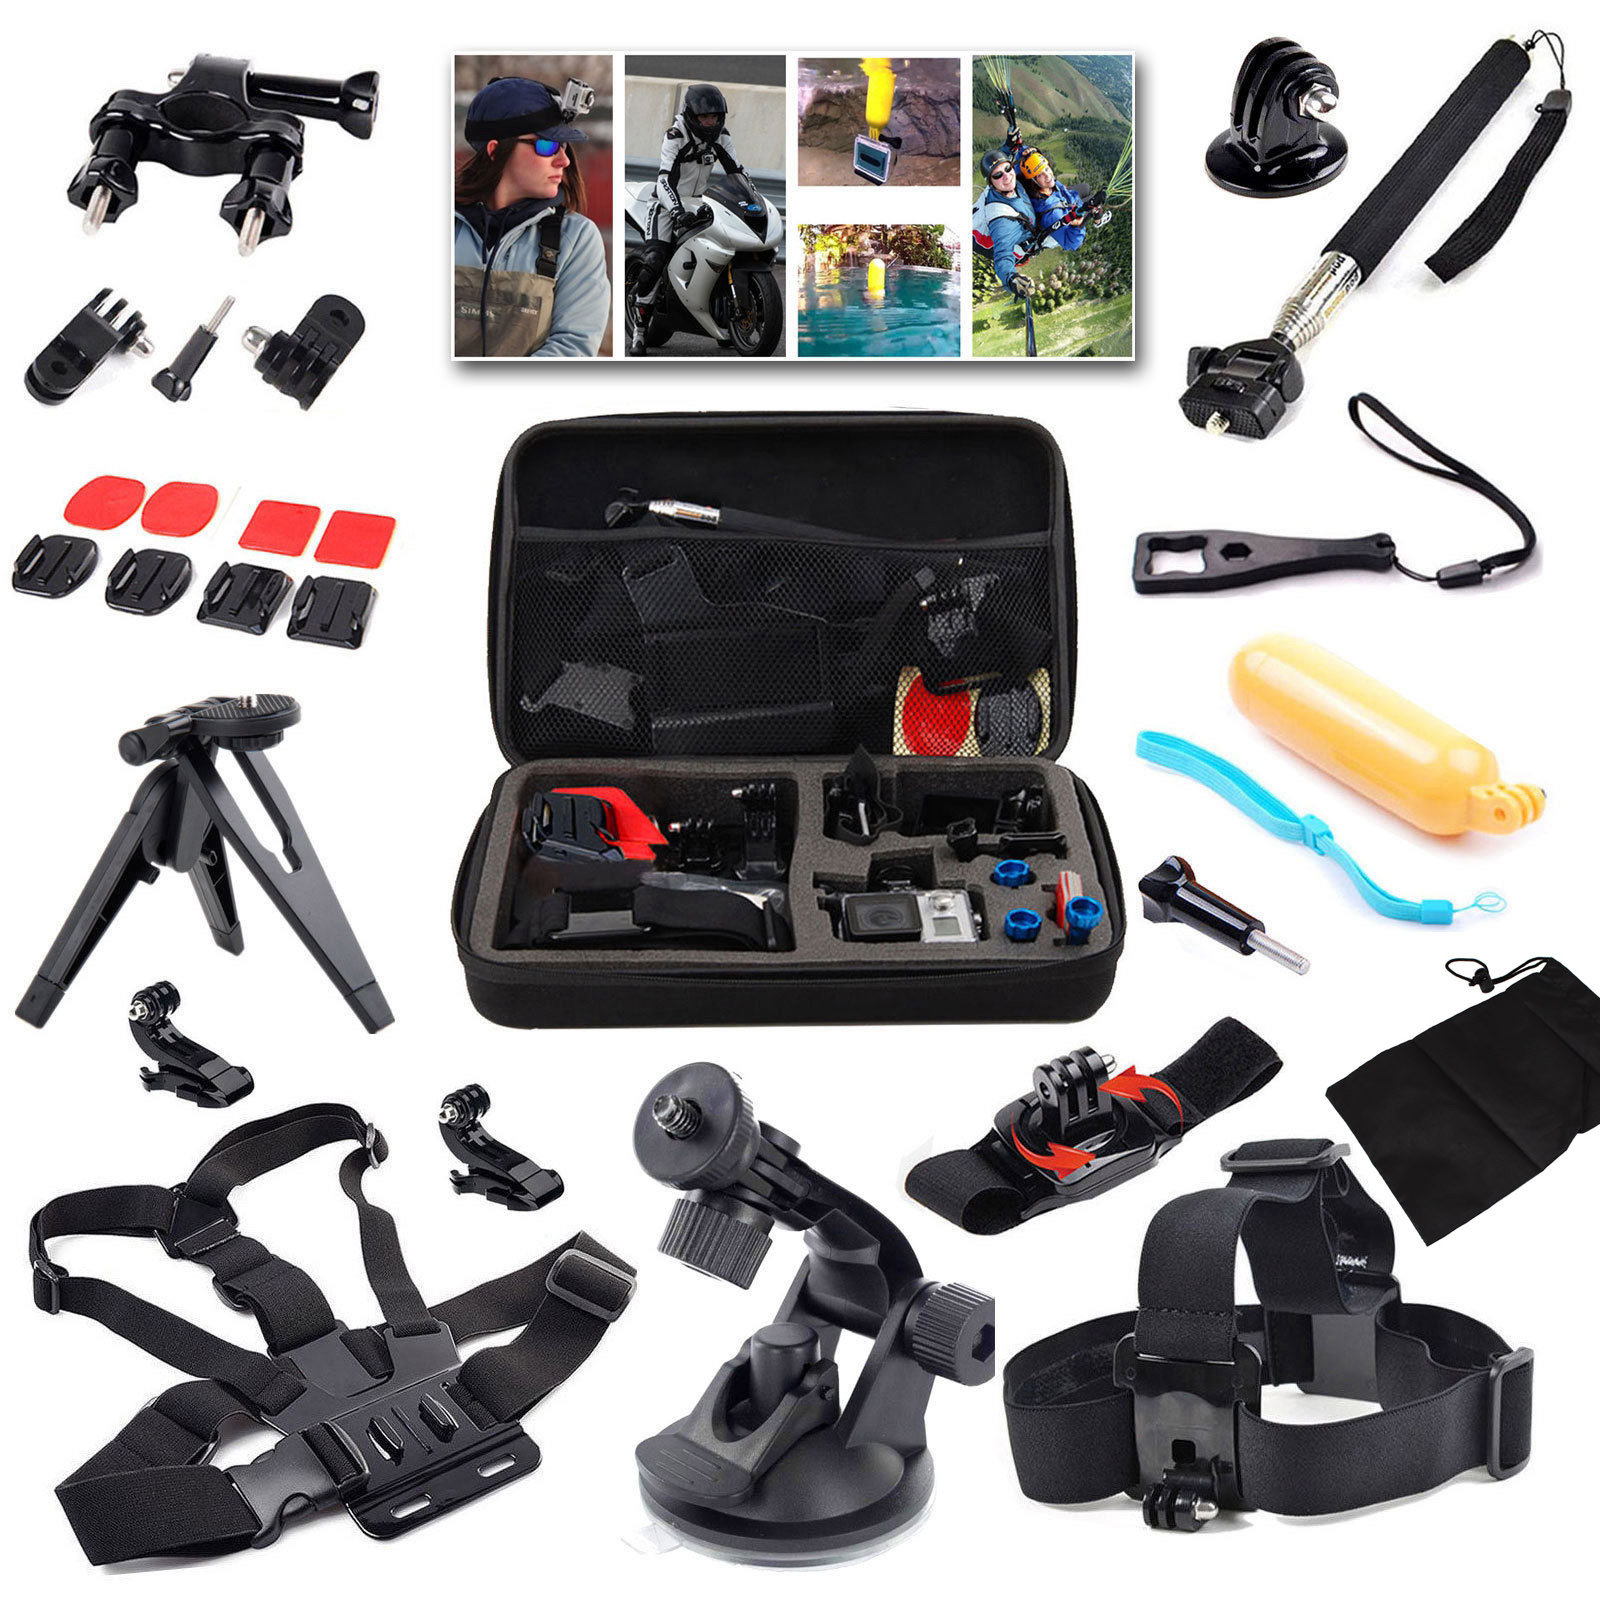 15 In 1 Sport Action Kamera Zubehör Kit Für Gopro Hero 4 3 + Sjcam Sj4000 Wasserdichte Video Kamera Mit Tragetasche Dauerhaft Im Einsatz